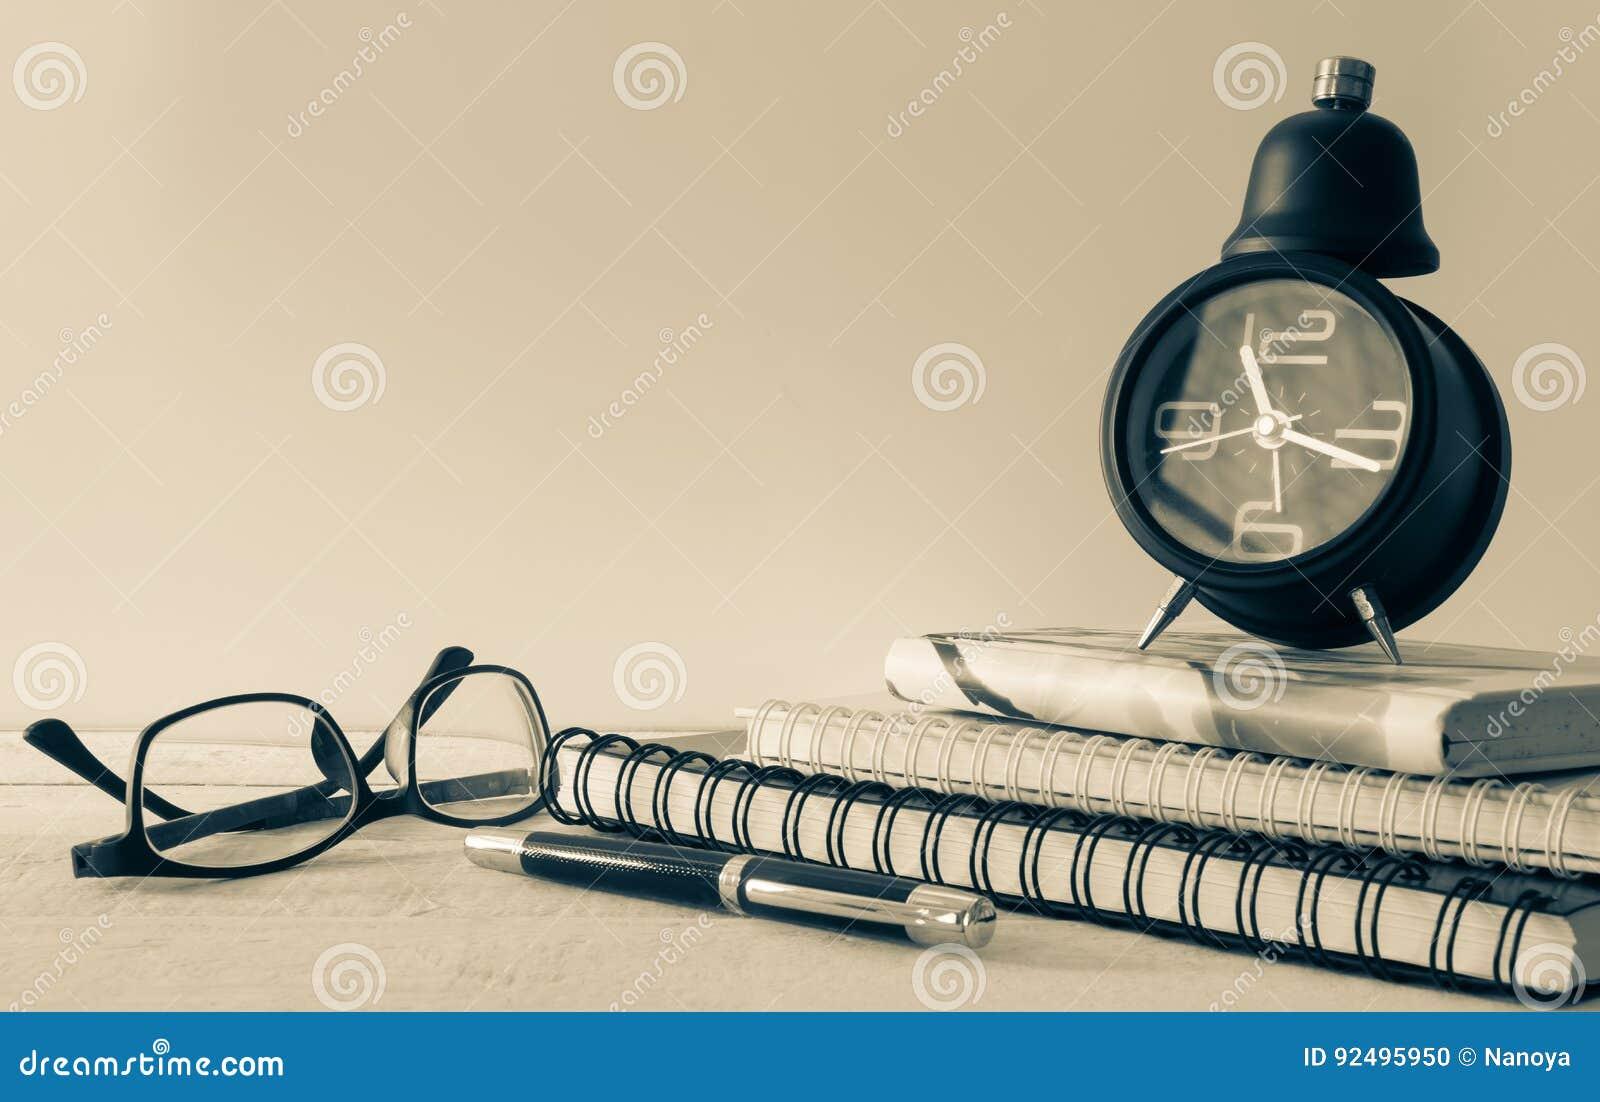 Rocznika budzik, notatnik, eyeglass i pióro,